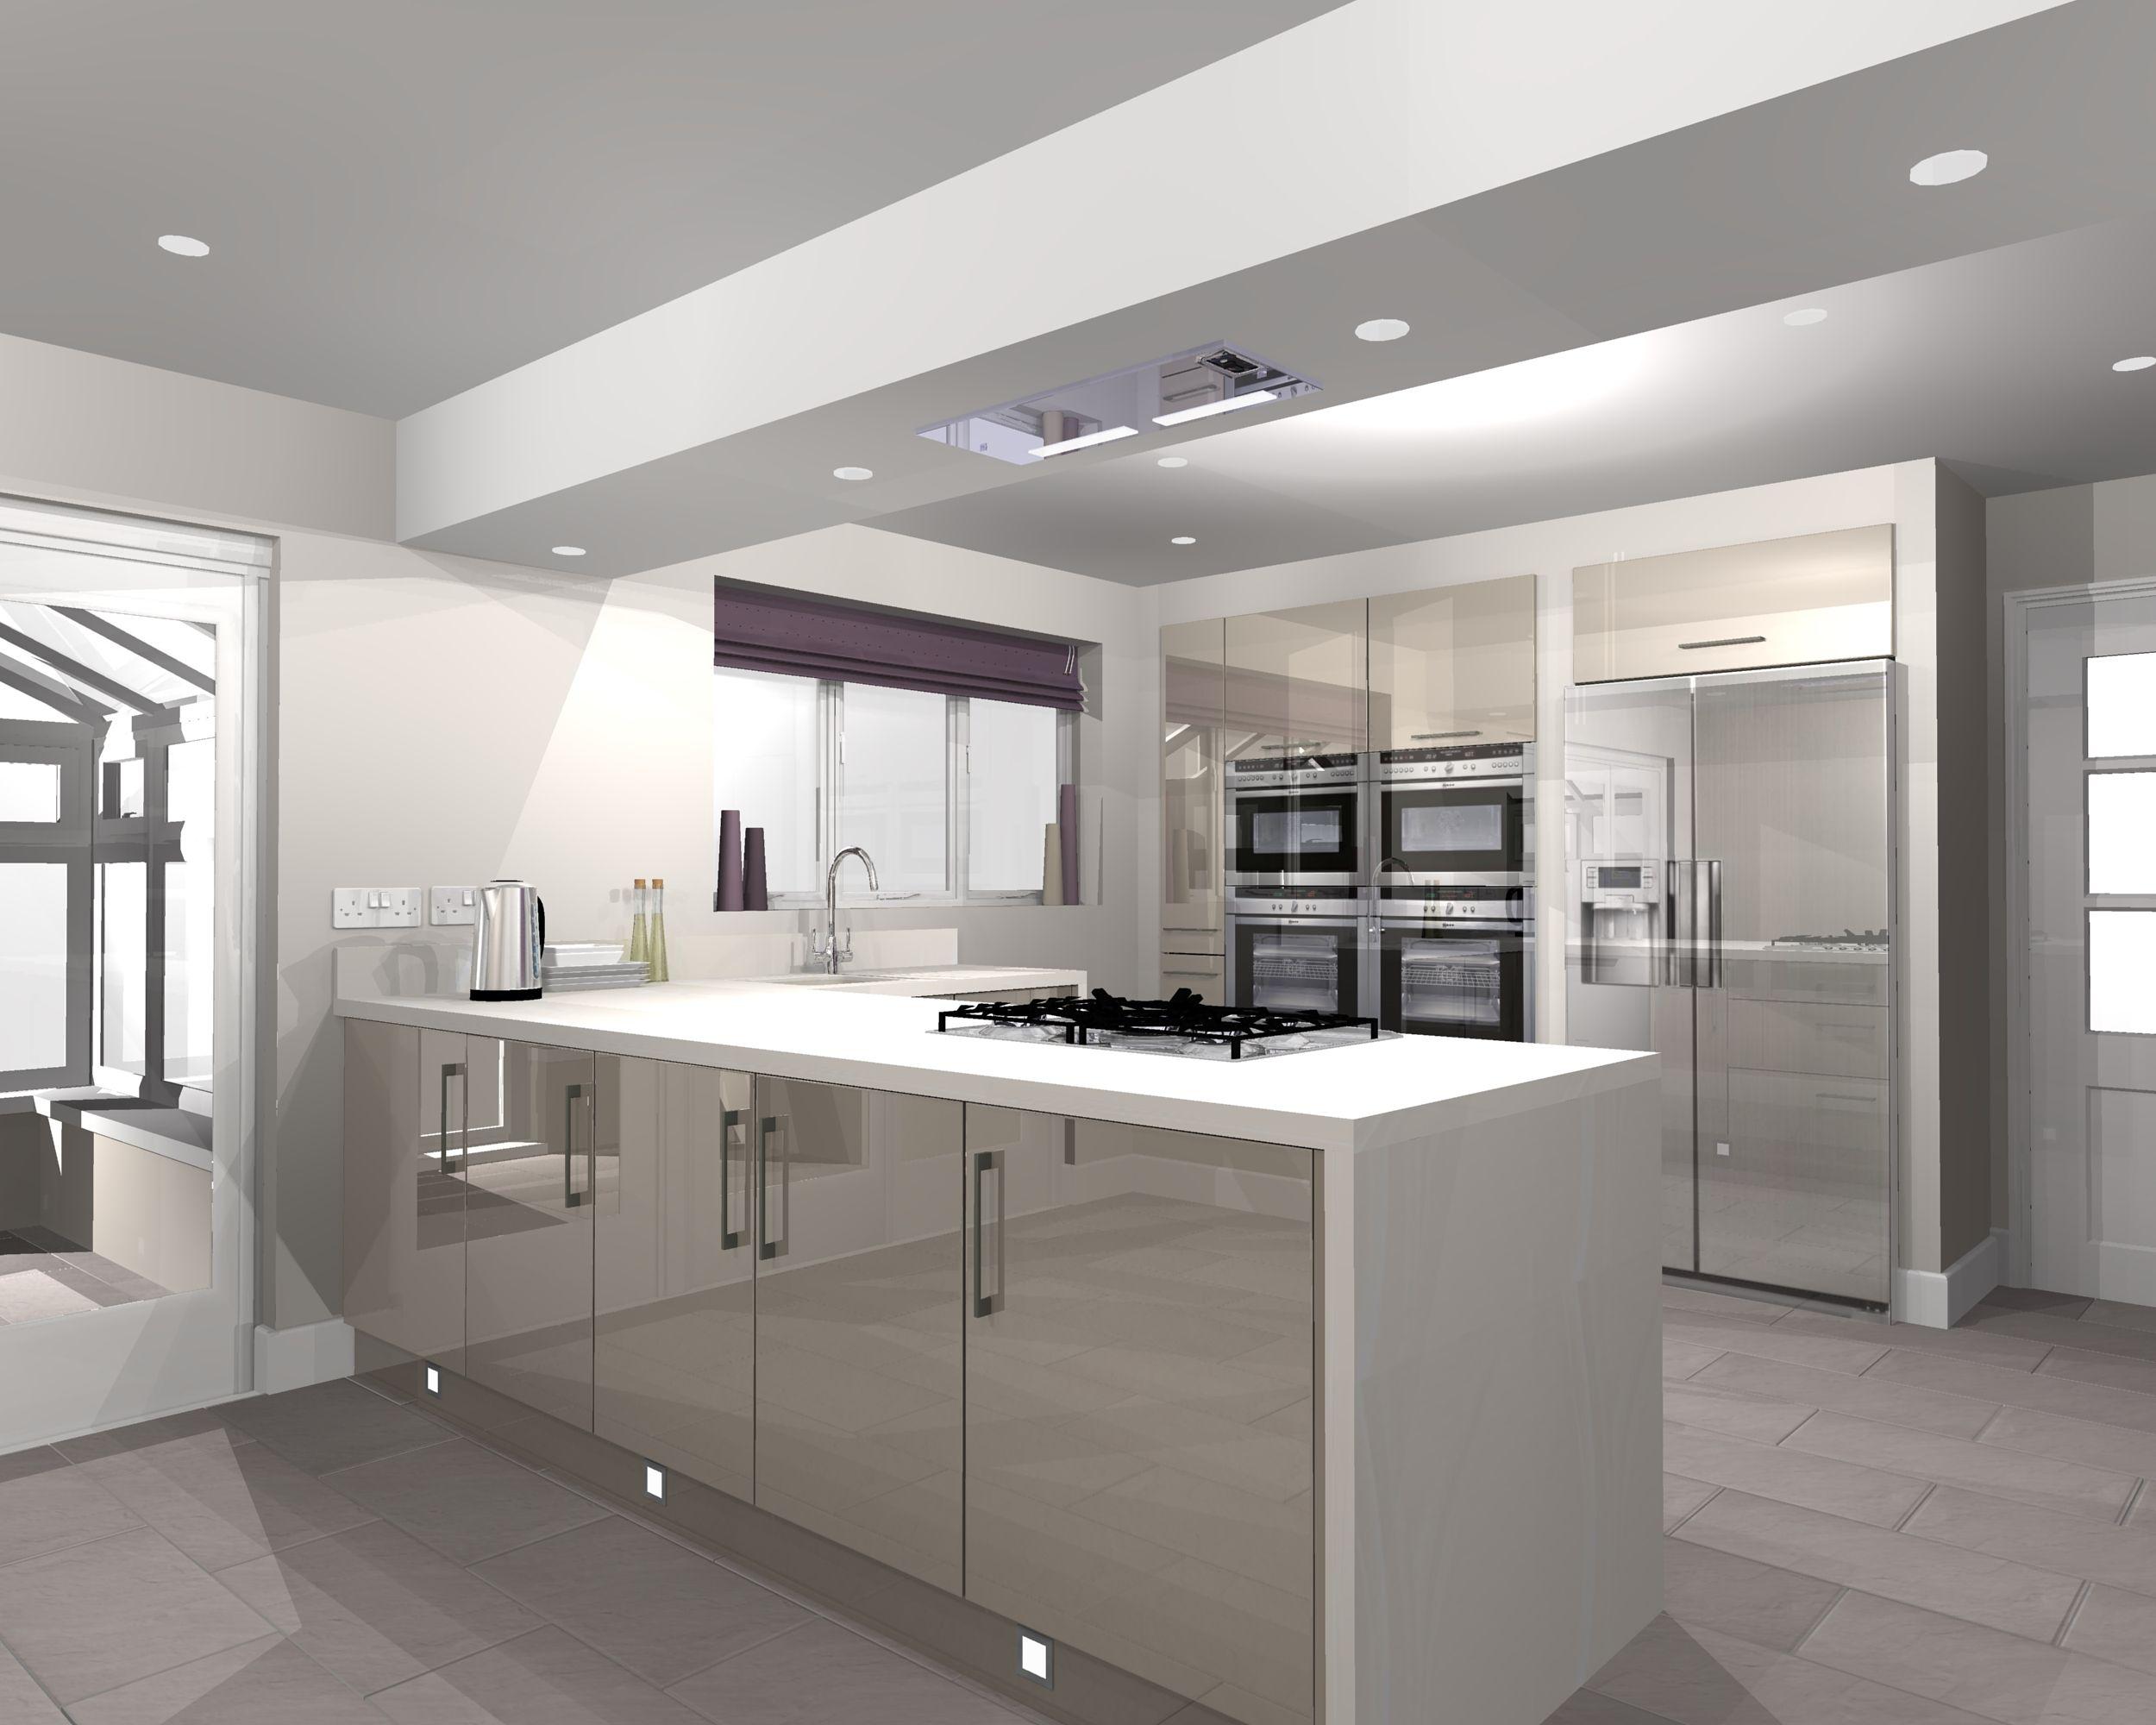 Kitchen And Bathroom Design Software New Kitchen Design Using Virtual Worlds Software  Garagem